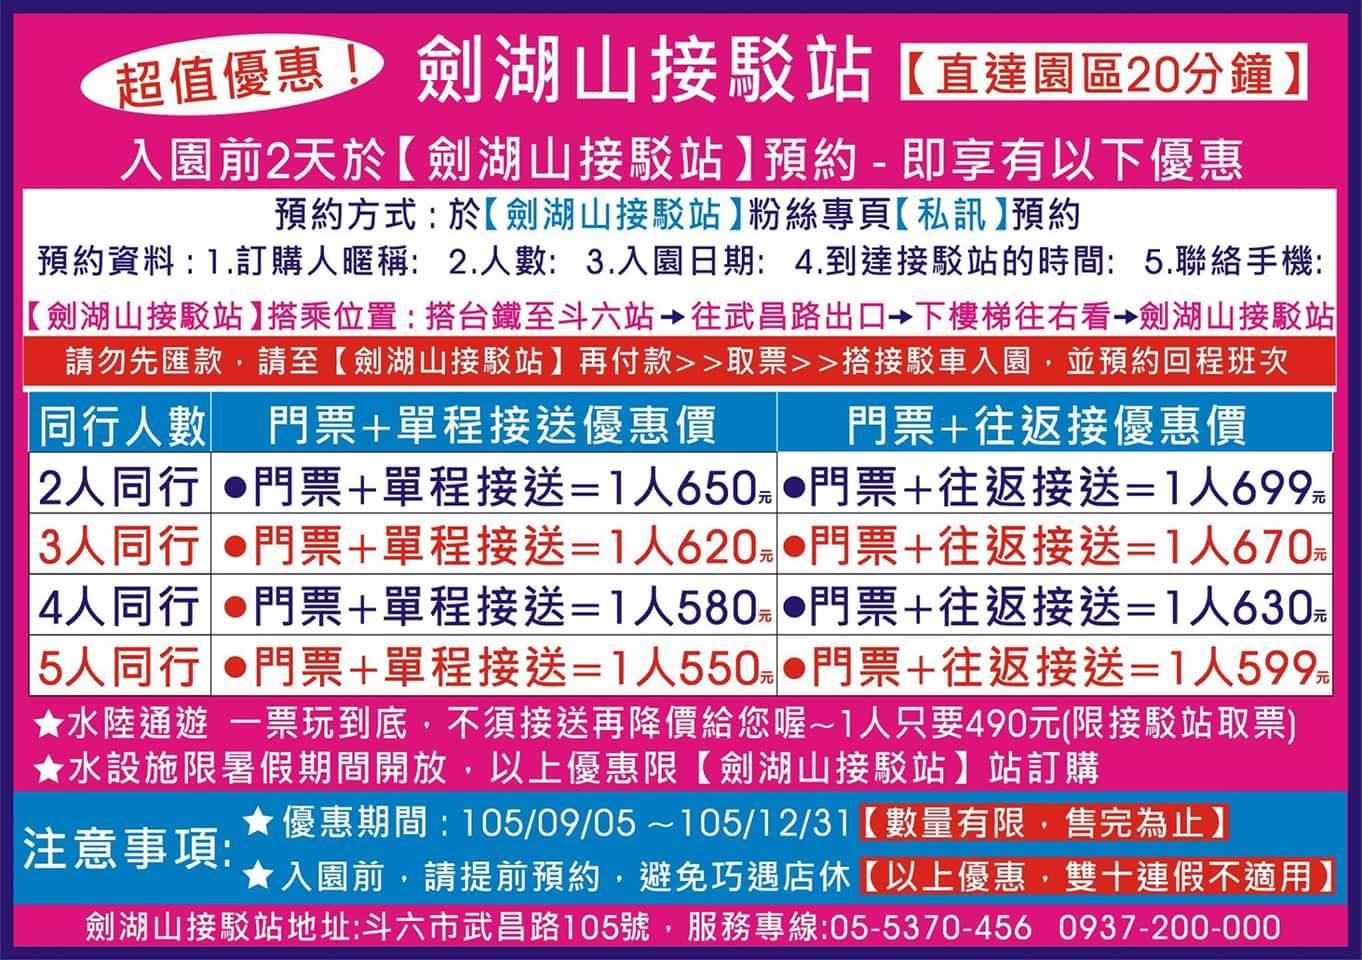 劍湖山接駁站-門票與交通車接送即時優惠資訊,位置在斗六火車站武昌路(後站)